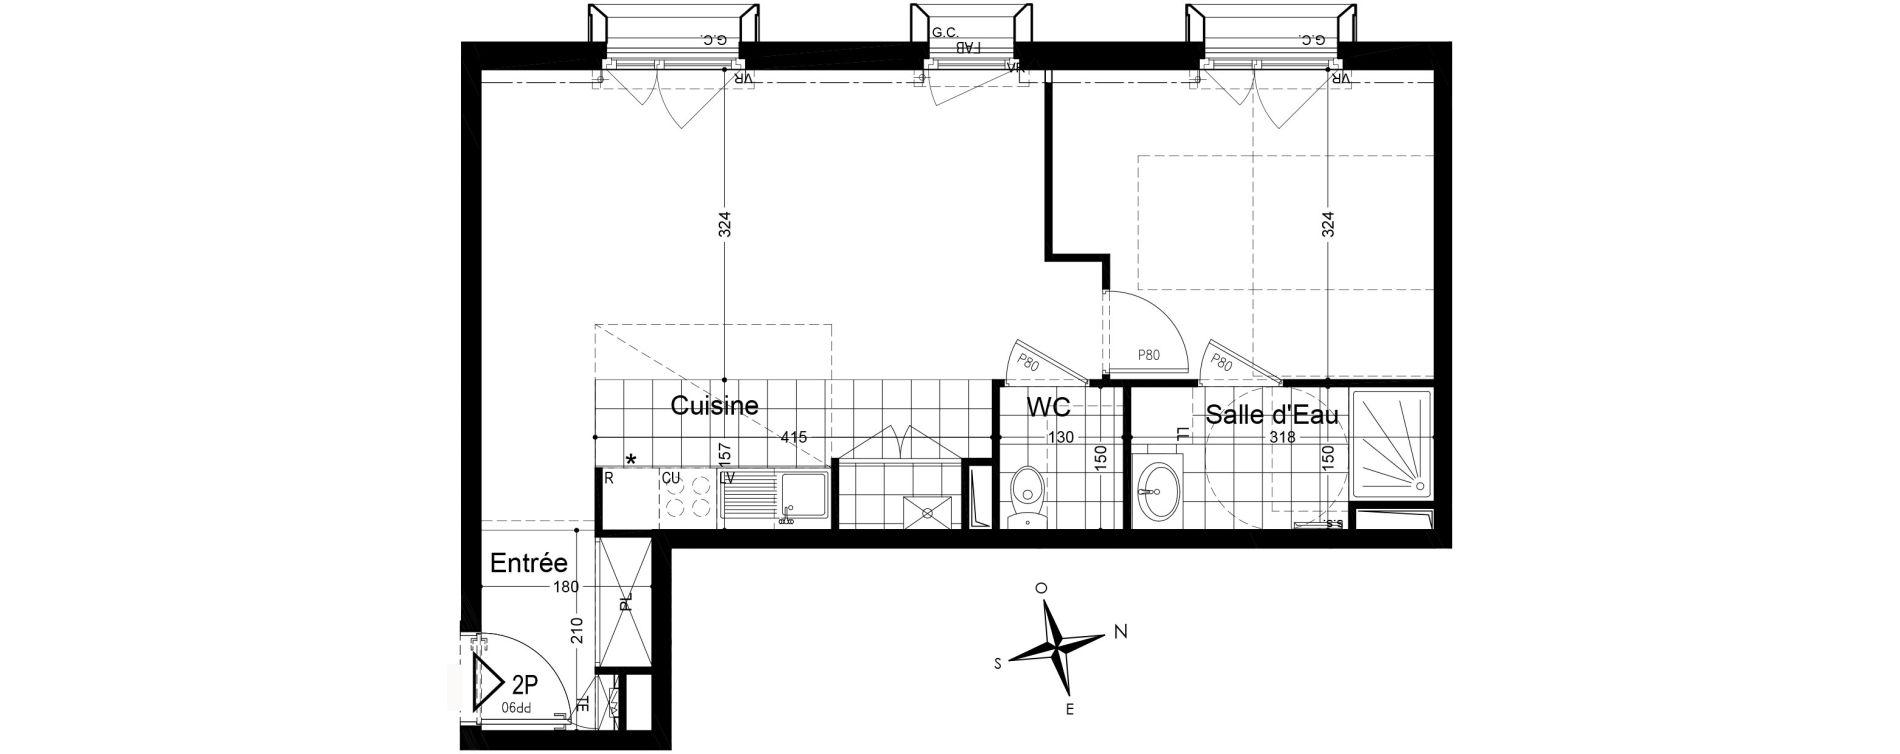 Appartement T2 de 49,13 m2 à Fontainebleau Centre